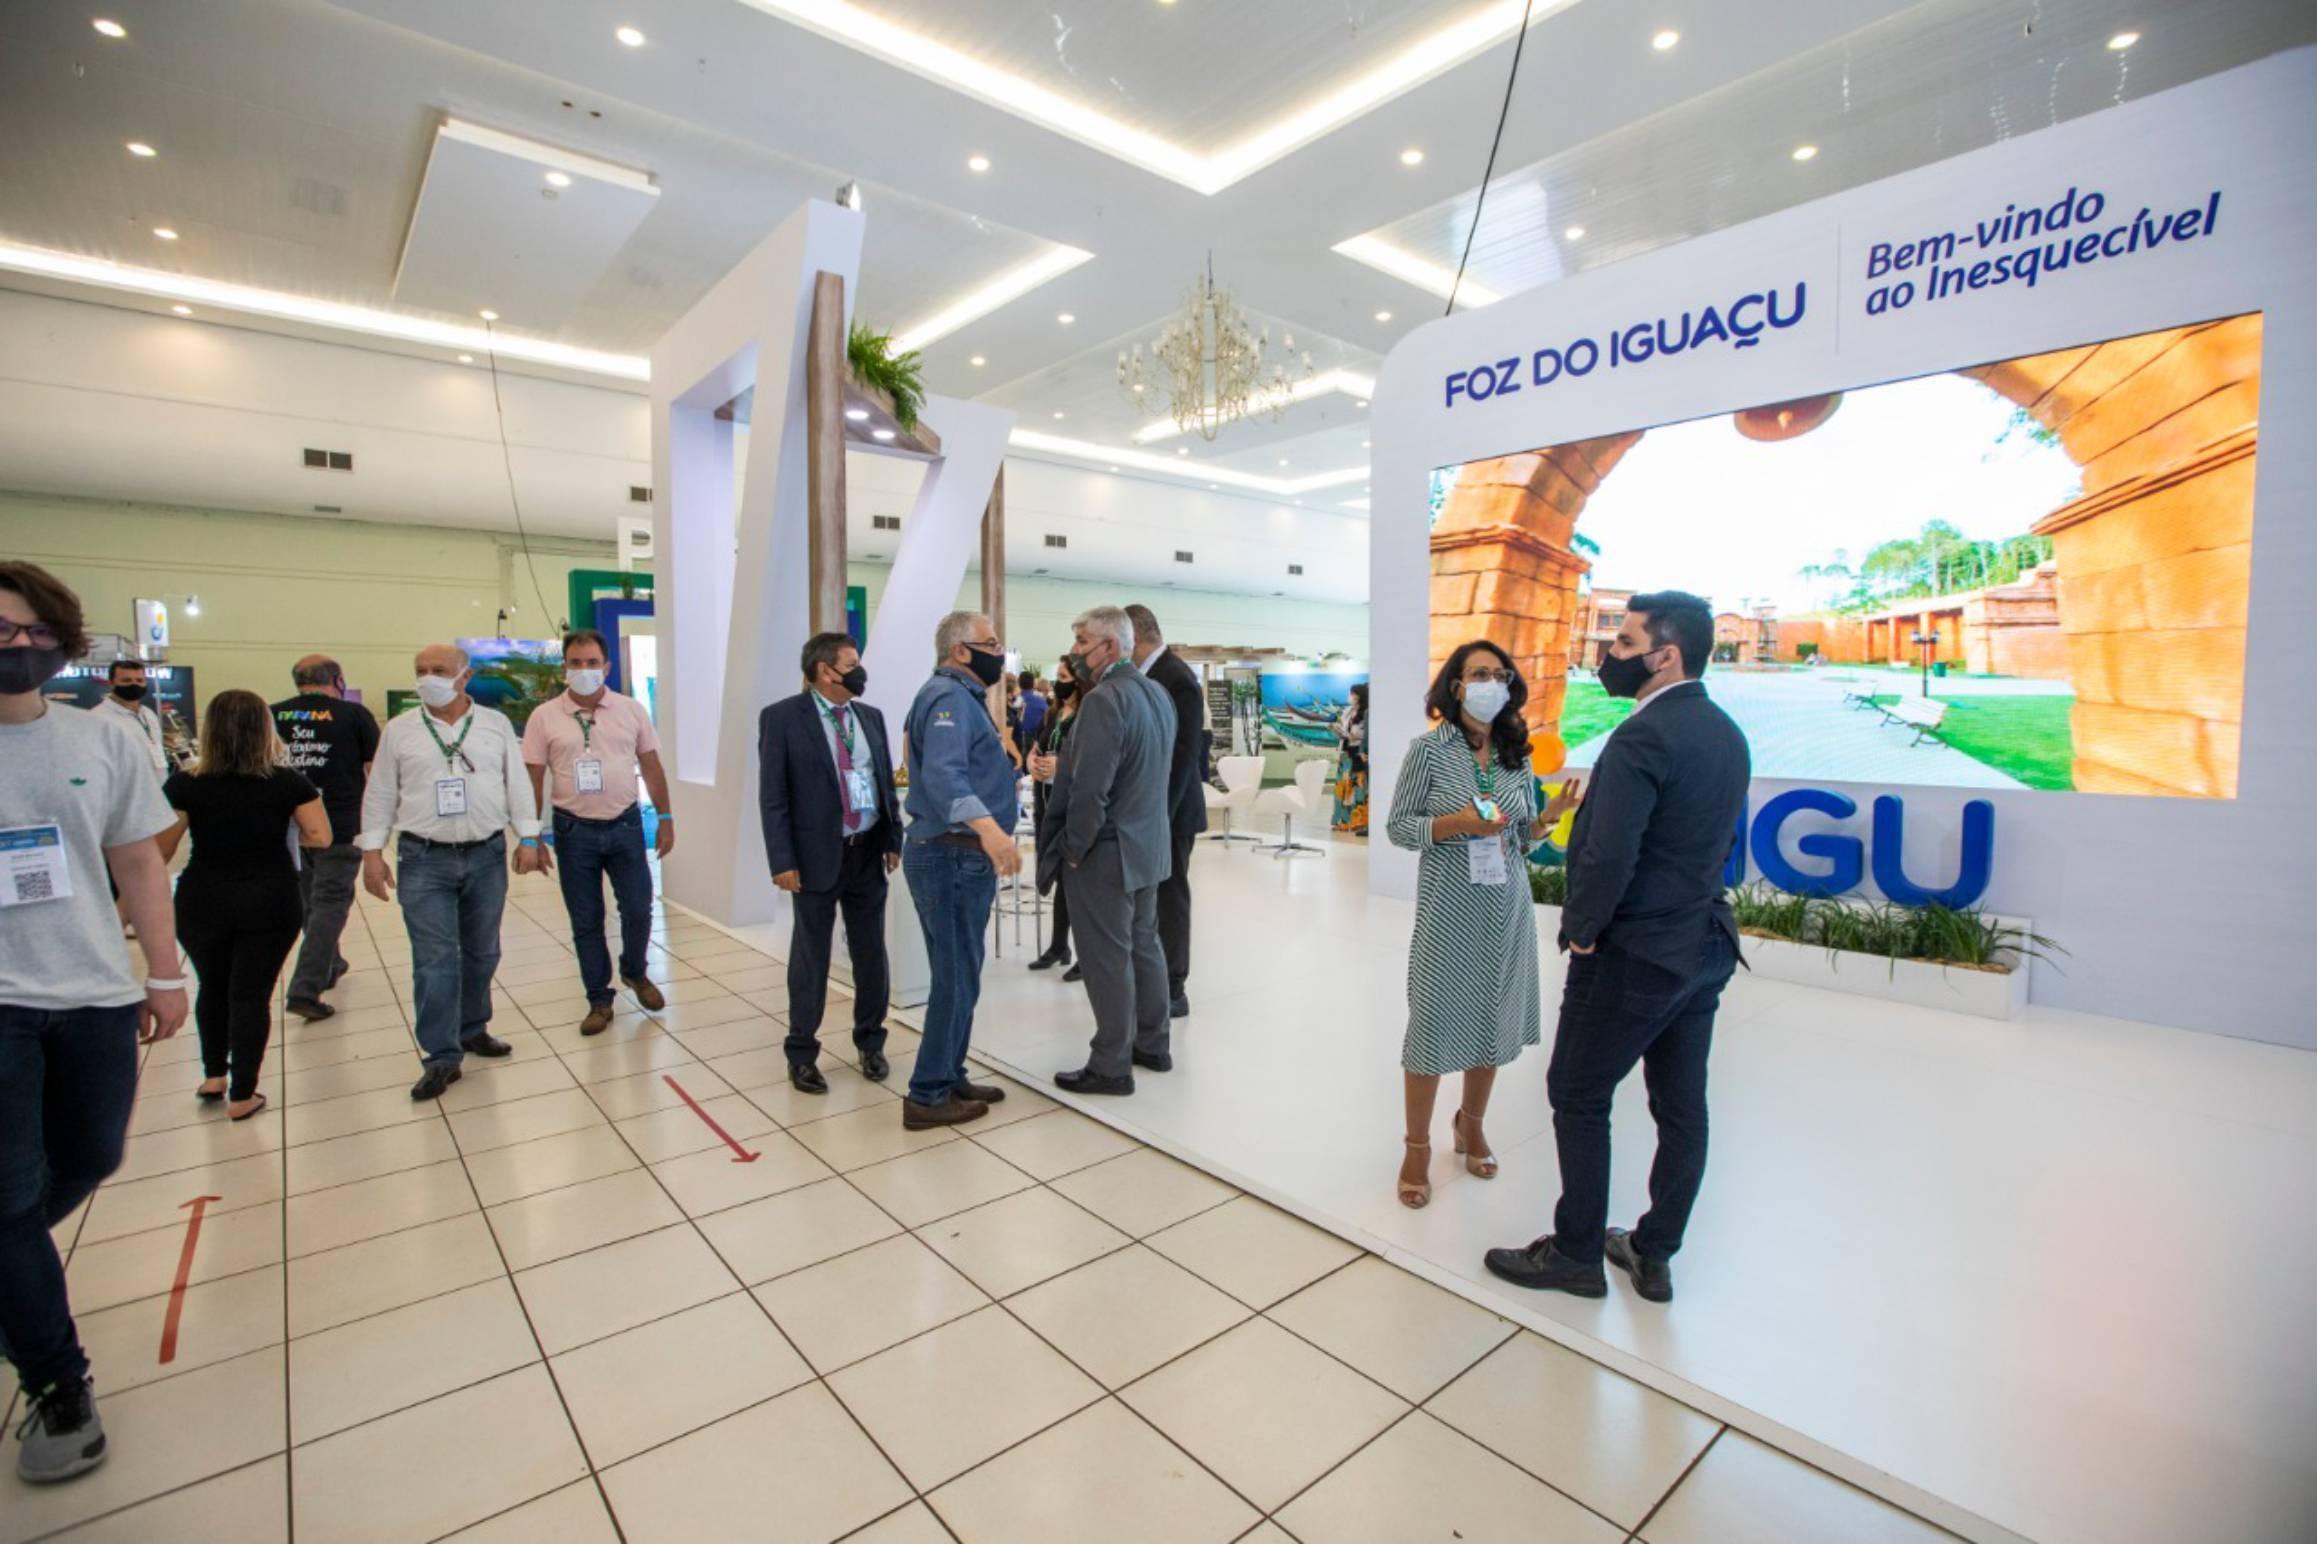 Três grandes eventos marcam retomada de turismo em Foz